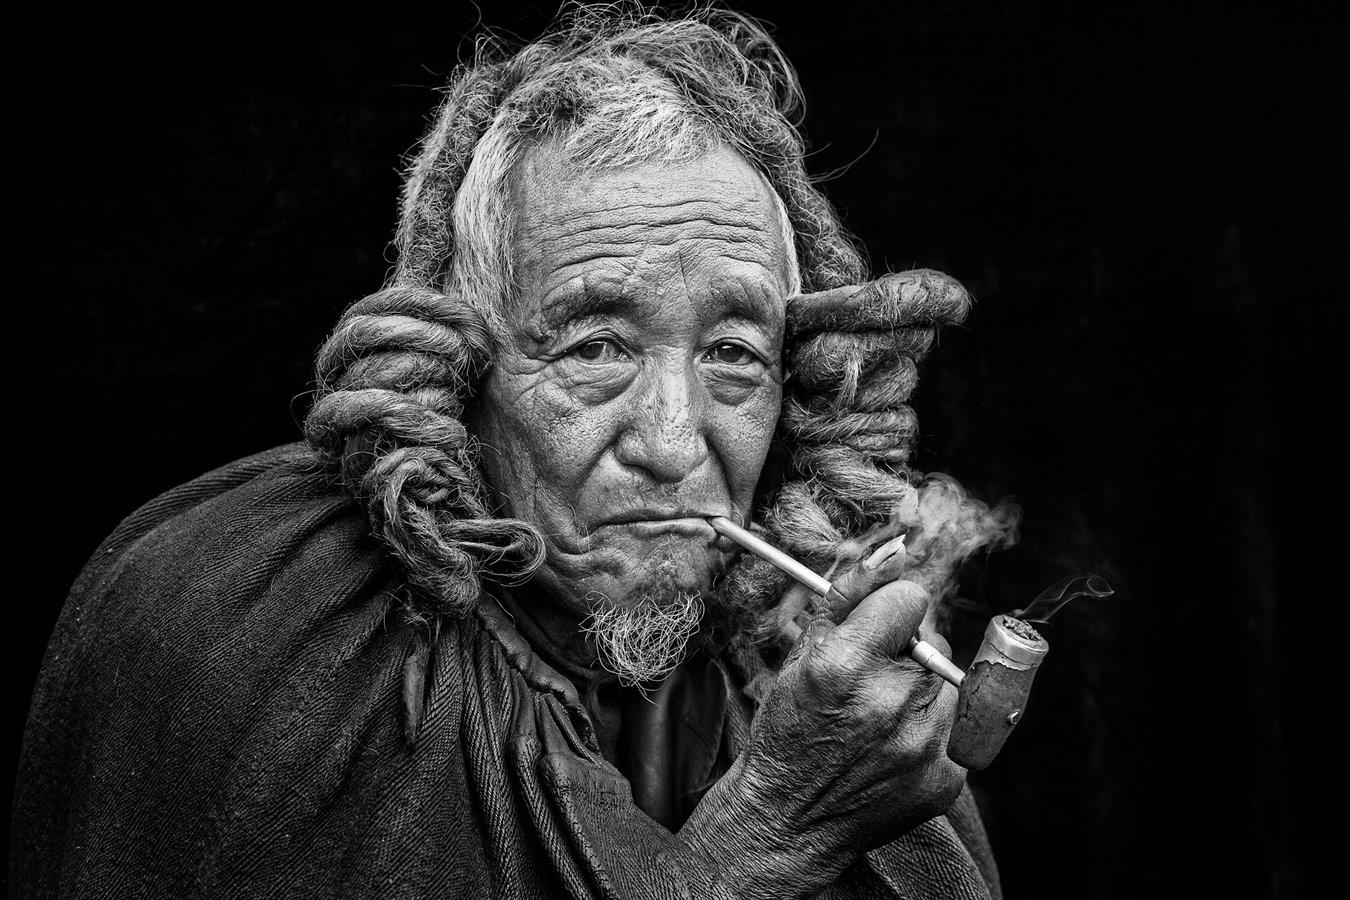 Старейшина, © Сюэцзюнь Ся, Китай, 3 место, Фотоконкурс Siena